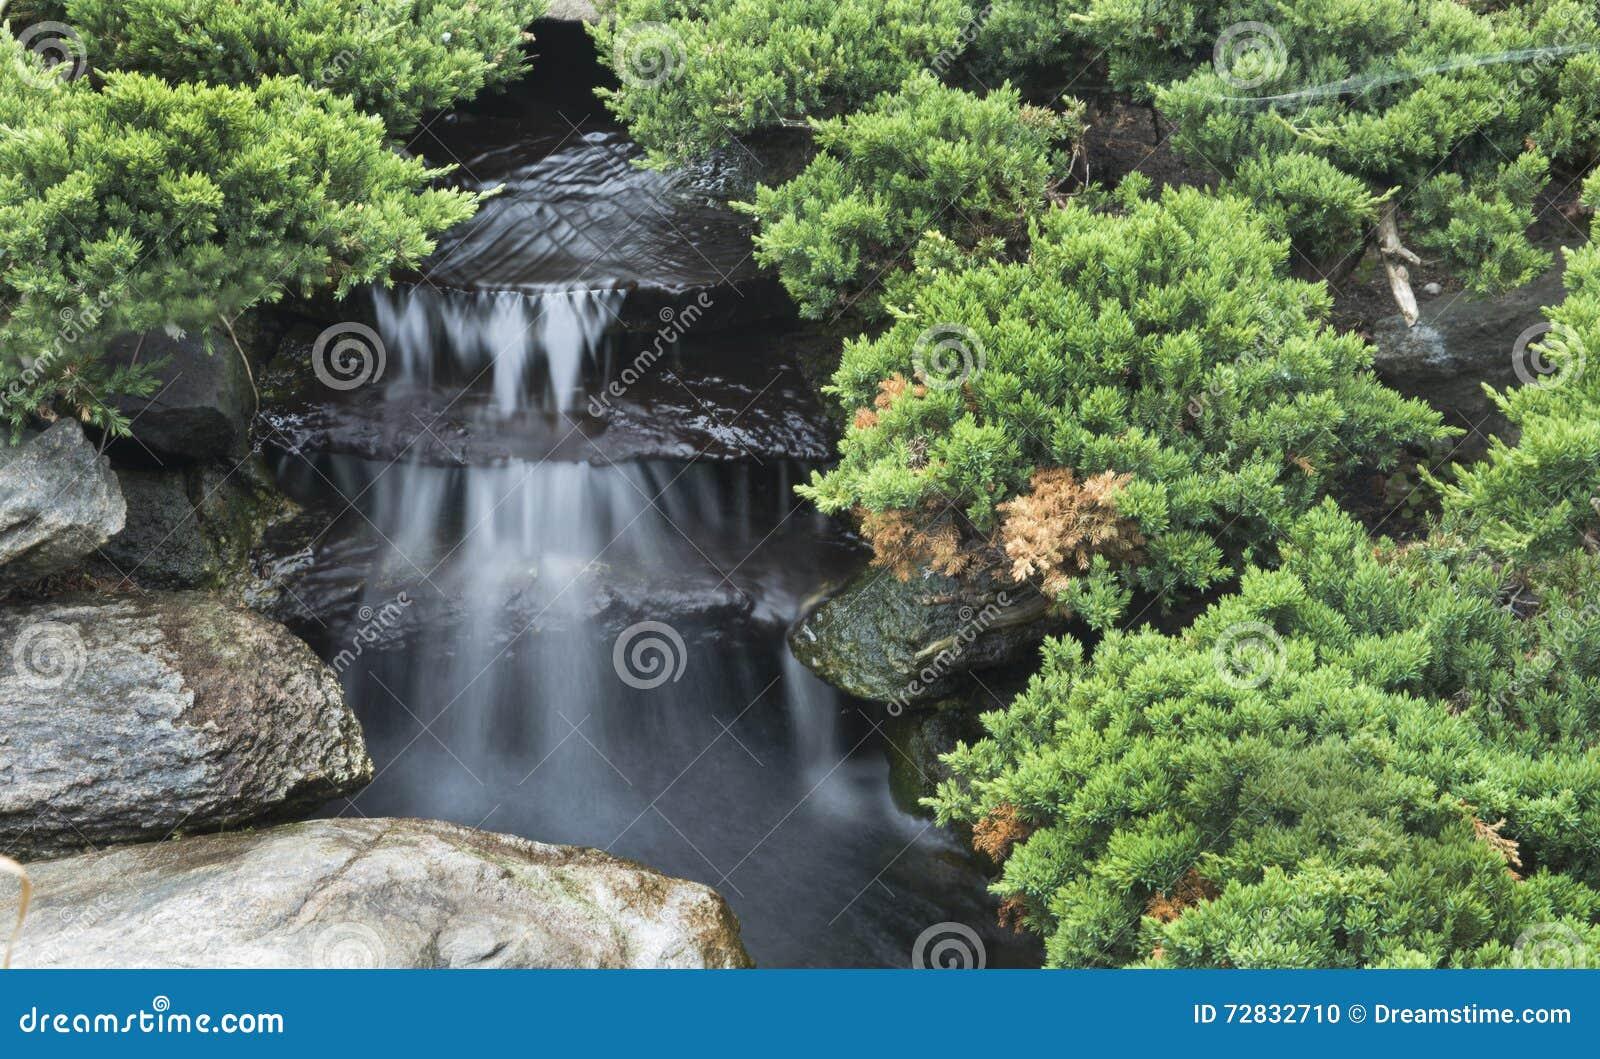 Download Kleiner Wasserfall Im Garten Stockfoto   Bild Von Entspannung,  Felsen: 72832710